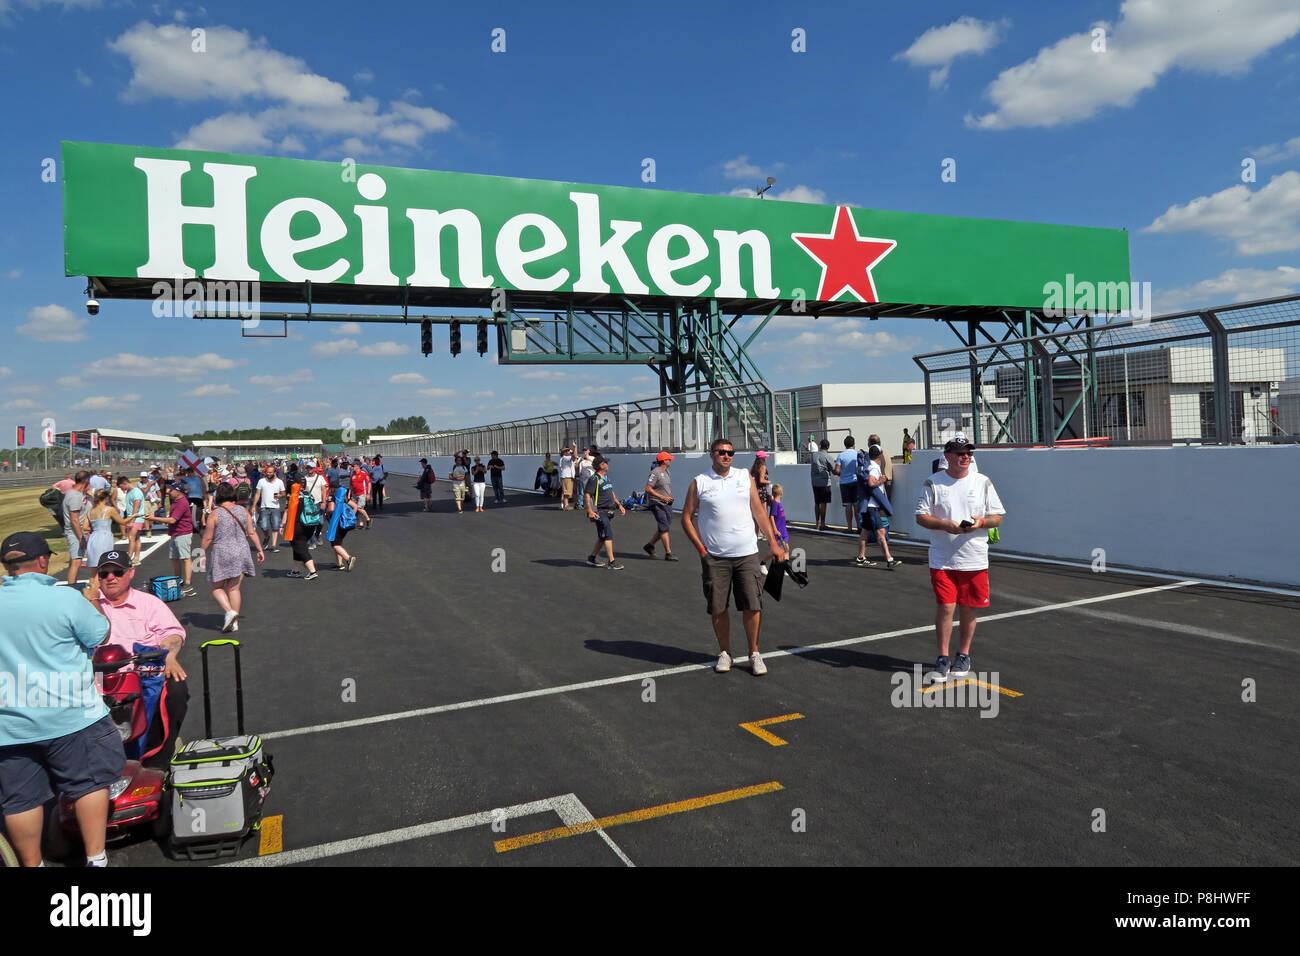 Dieses Stockfoto: Heineken Bier Bier Werbung auf der britischen Grand Prix, Strecke, Silverstone, Silverstone, Towcester, Northampton, England, UK, NN12 8TL - P8HWFF